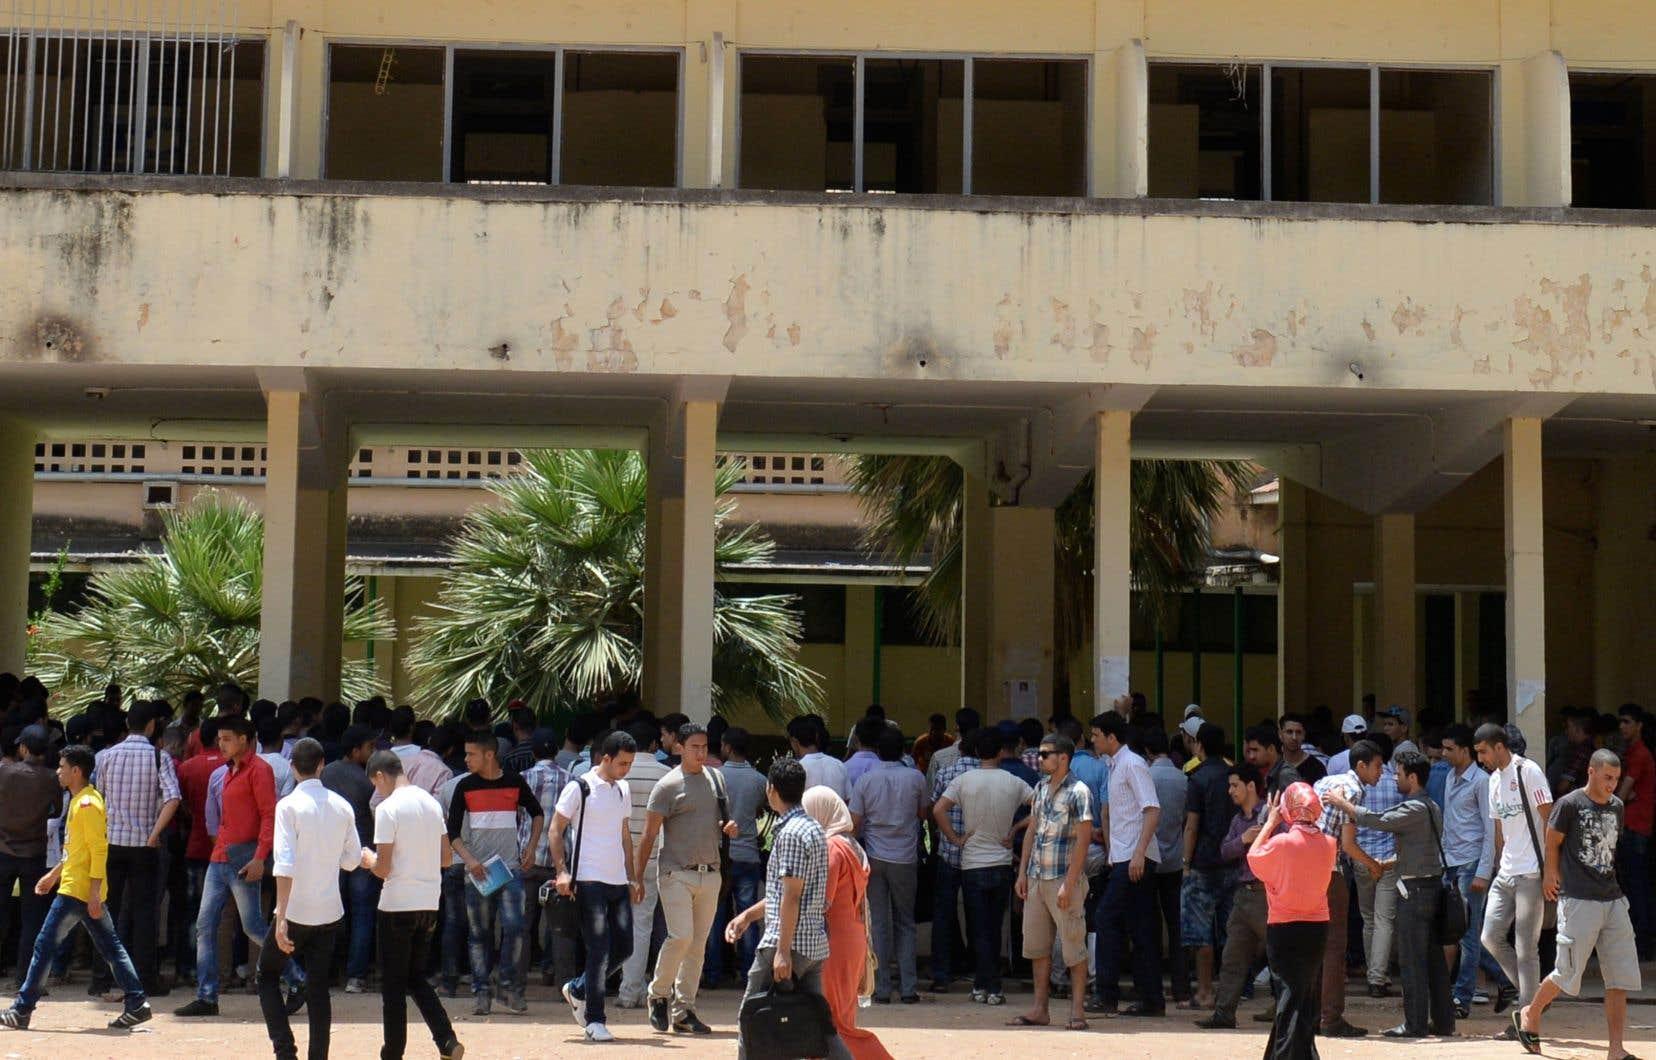 Des étudiants marocains marchent sur le campus de Dhar El-Mehraz à l'Université de Fès, en mai 2014.